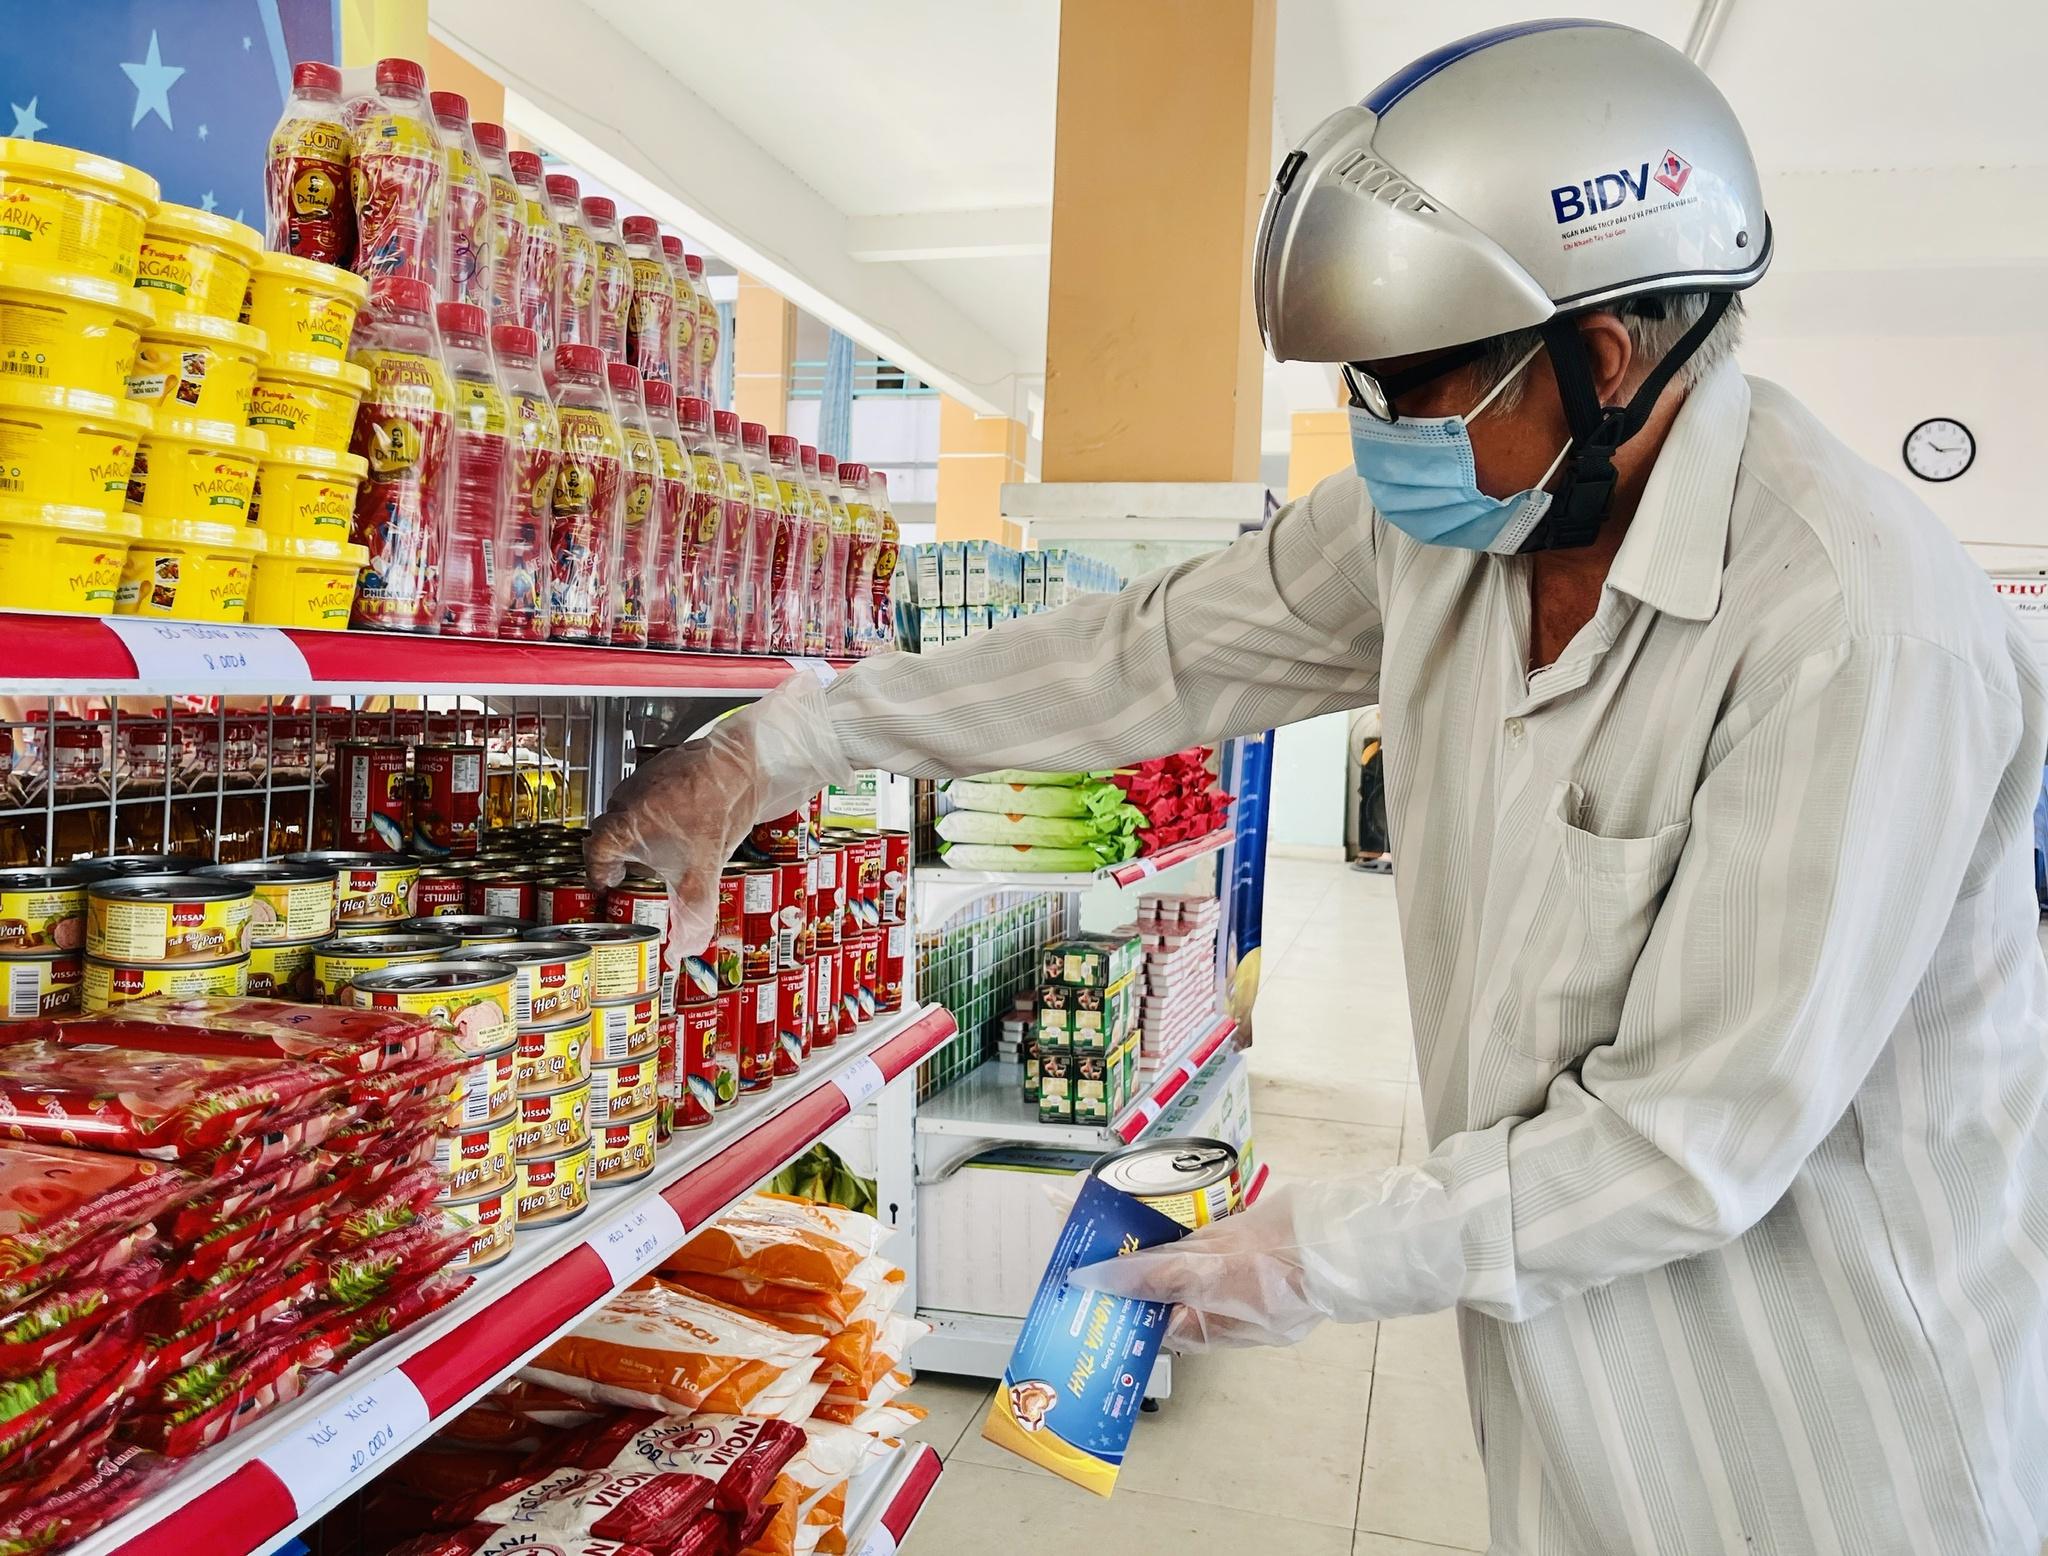 Giữa dịch Covid-19: Người Sài Gòn bật khóc ở siêu thị 0 đồng khi được mua đến 400.000 đồng - ảnh 7